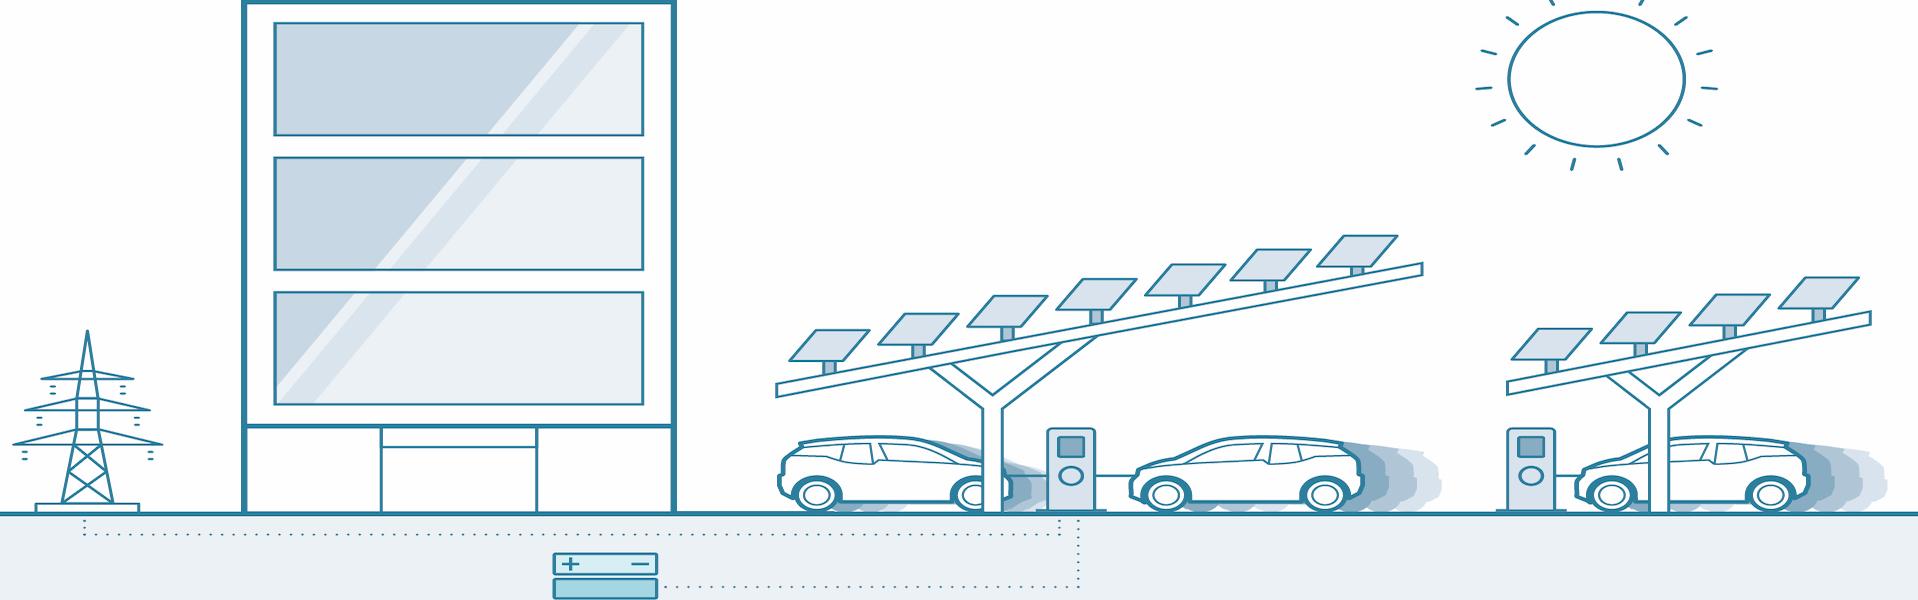 DES_Solar_Carport